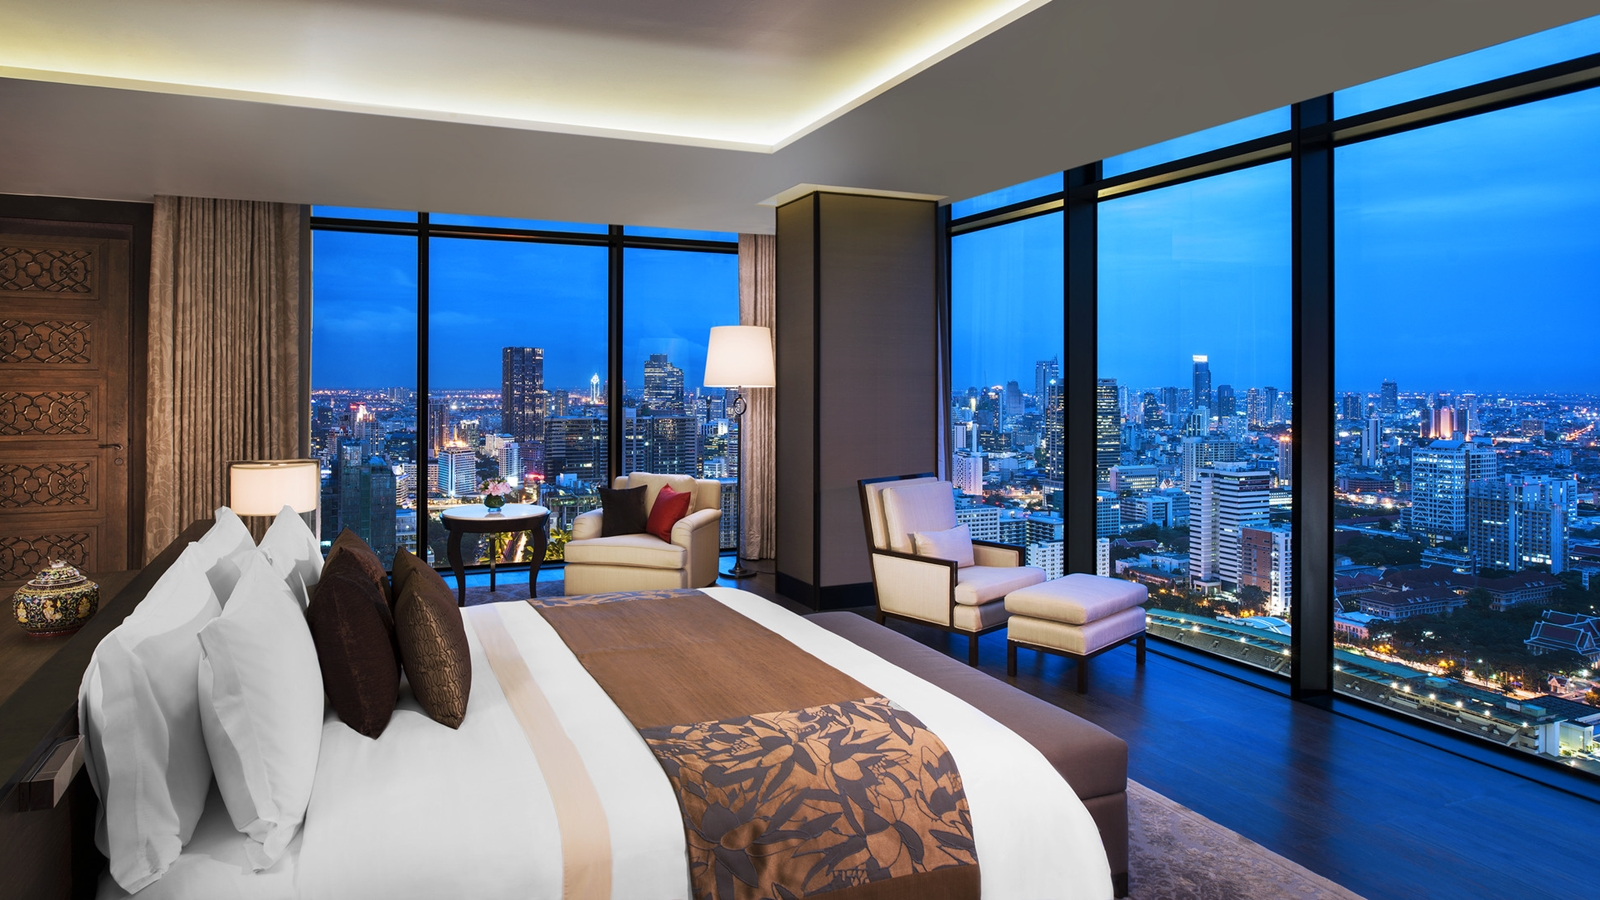 انتخاب هتل براساس هزینه یا خدمات ؟